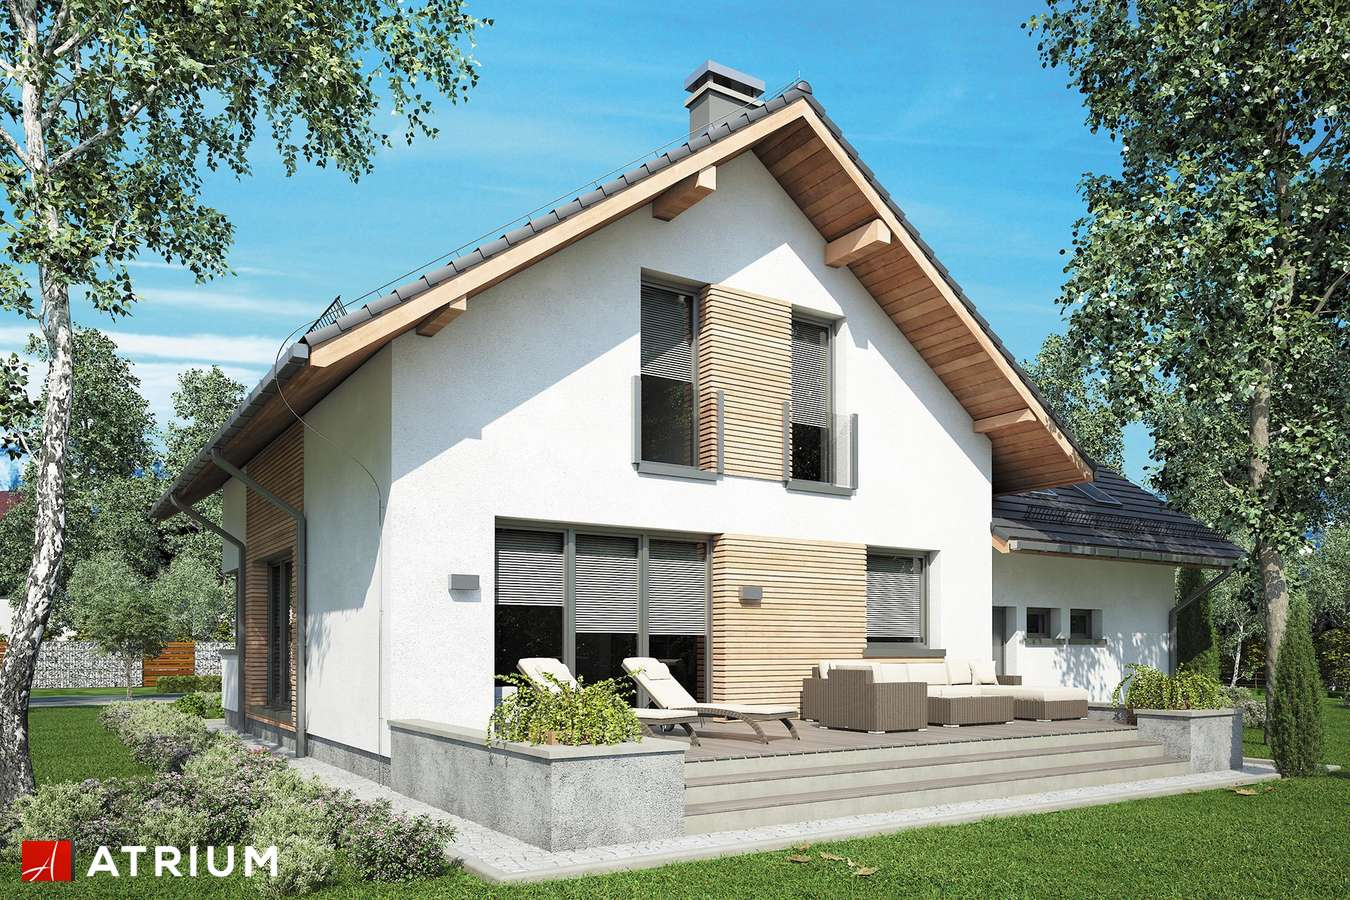 Projekty domów - Projekt domu z poddaszem MALBEC II - wizualizacja 2 - wersja lustrzana